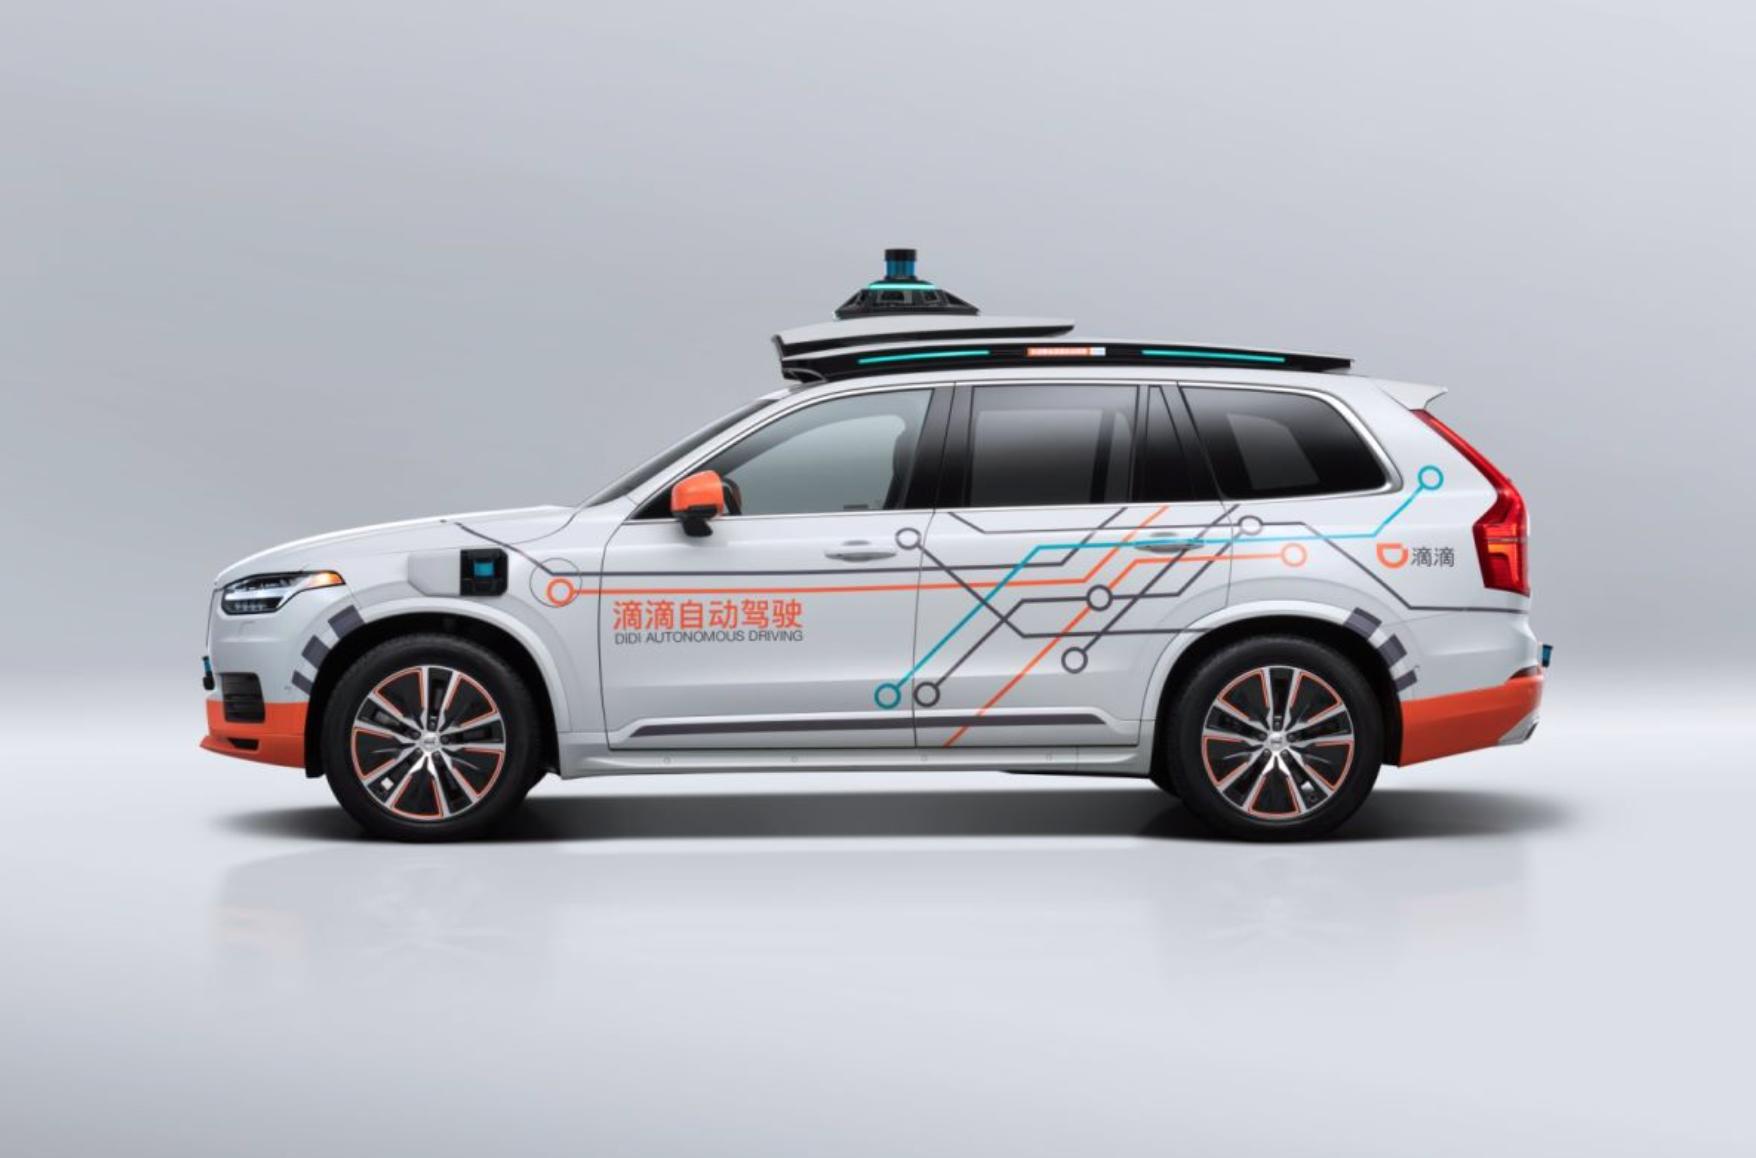 滴滴自动驾驶携手沃尔沃汽车打造自动驾驶测试车队